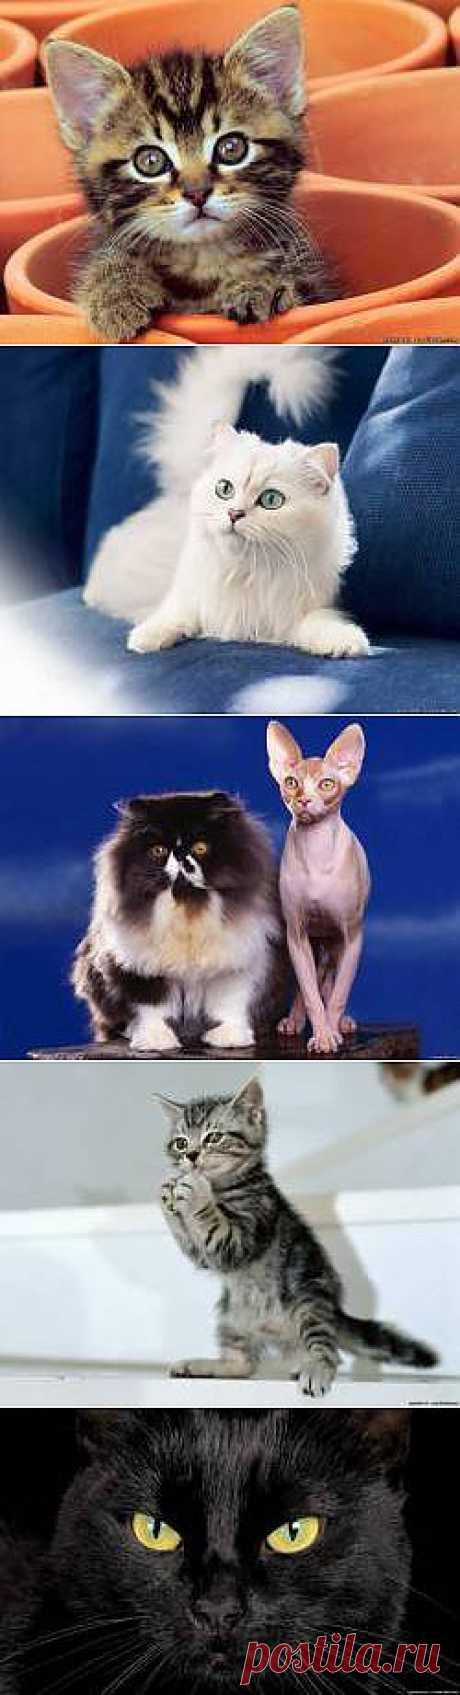 Красивые Кошки котята коты картинки - 1104 фото обои на рабочий стол галерея 1 - Фото мир природы